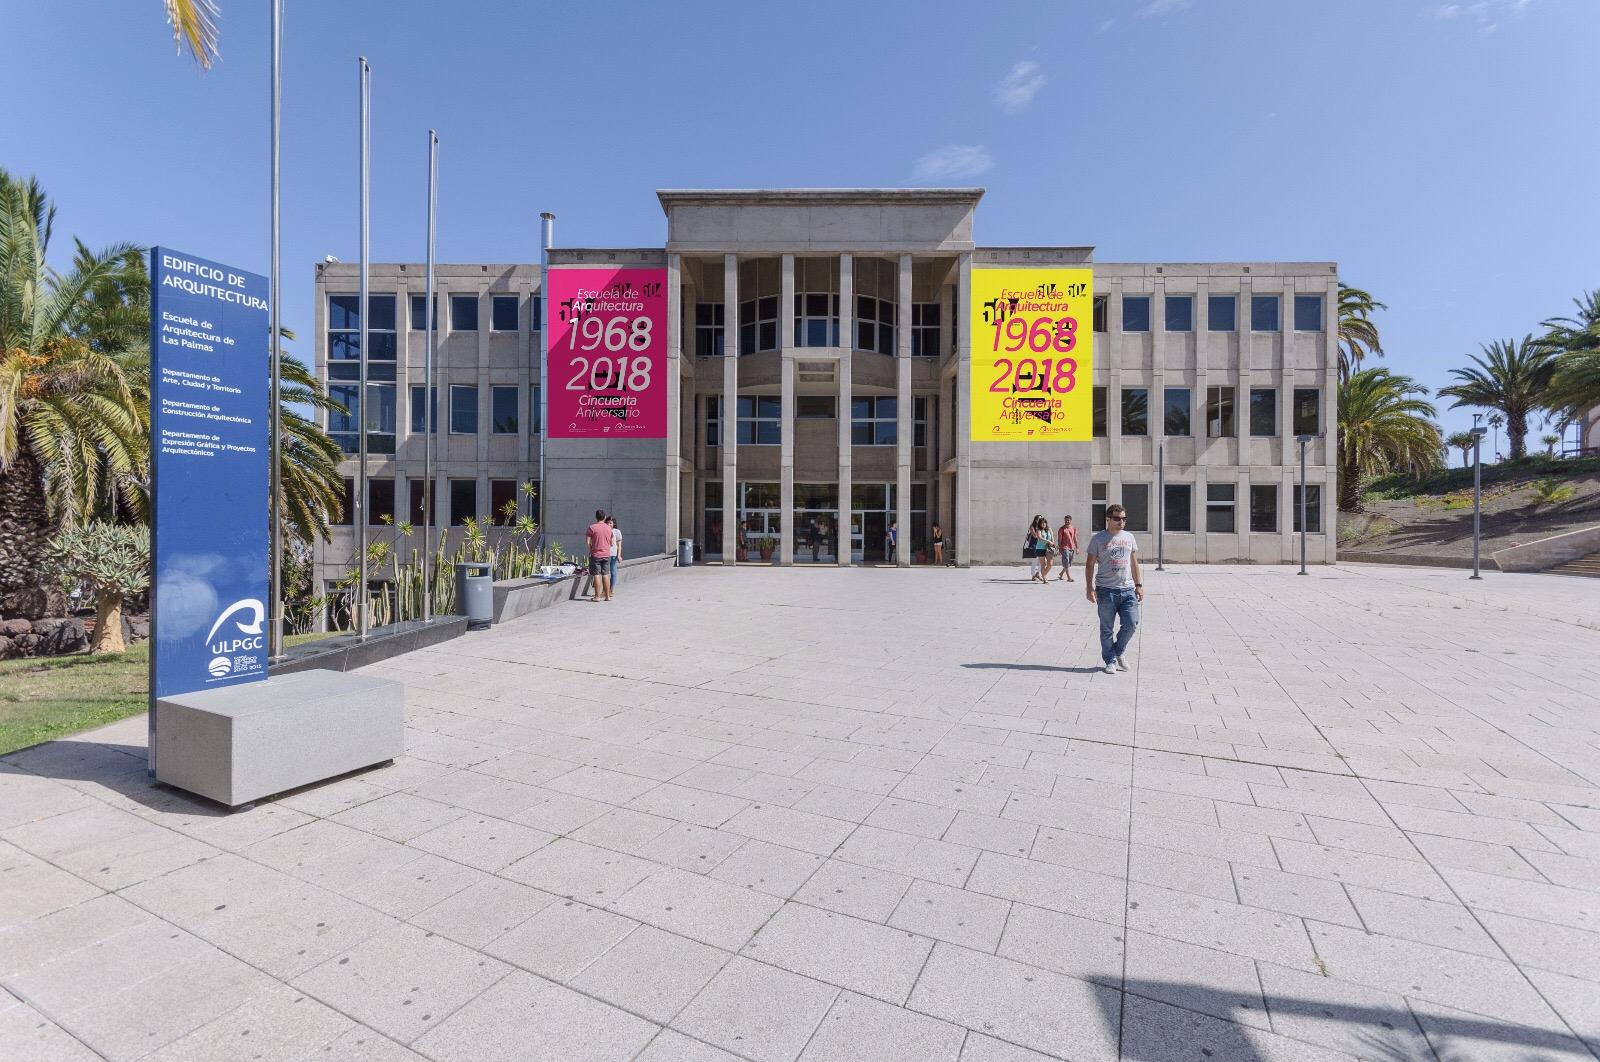 En 2018 se conmemora el 50 aniversario de los estudios de - Estudios de arquitectura en tenerife ...